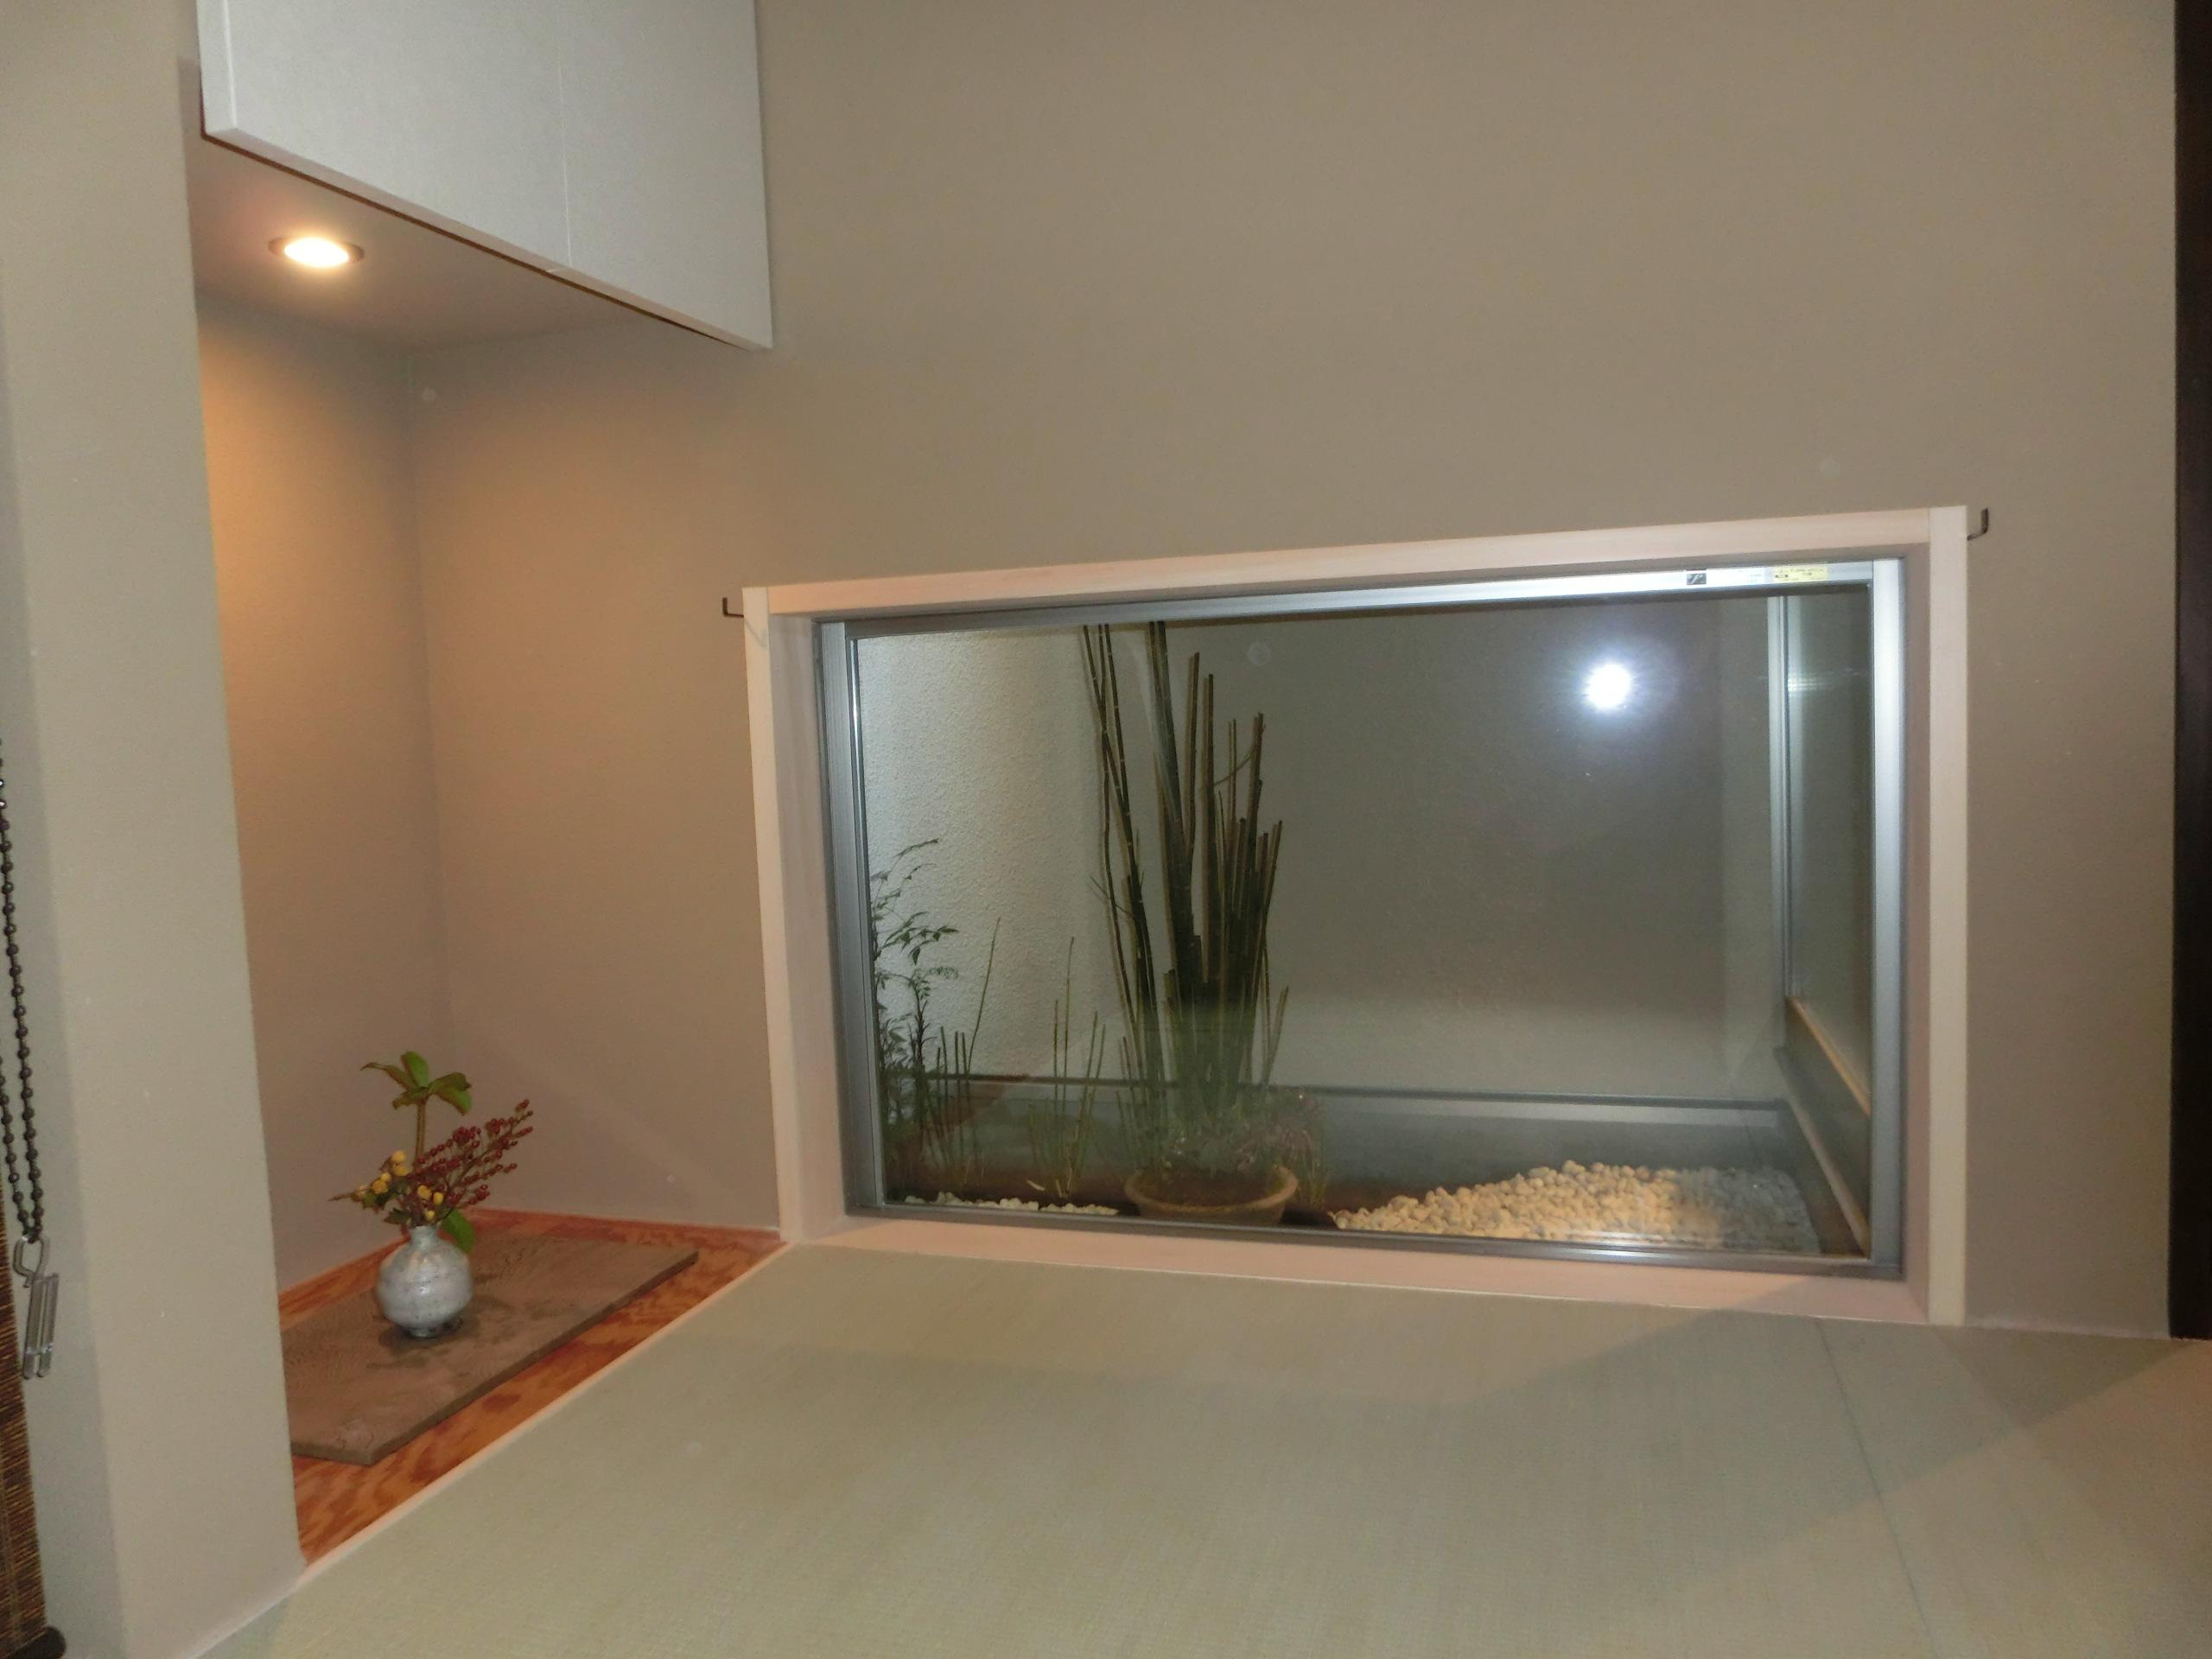 『手わざのコダワリ』と新しい建築技術の融合:東京都杉並区K様邸の写真 和室